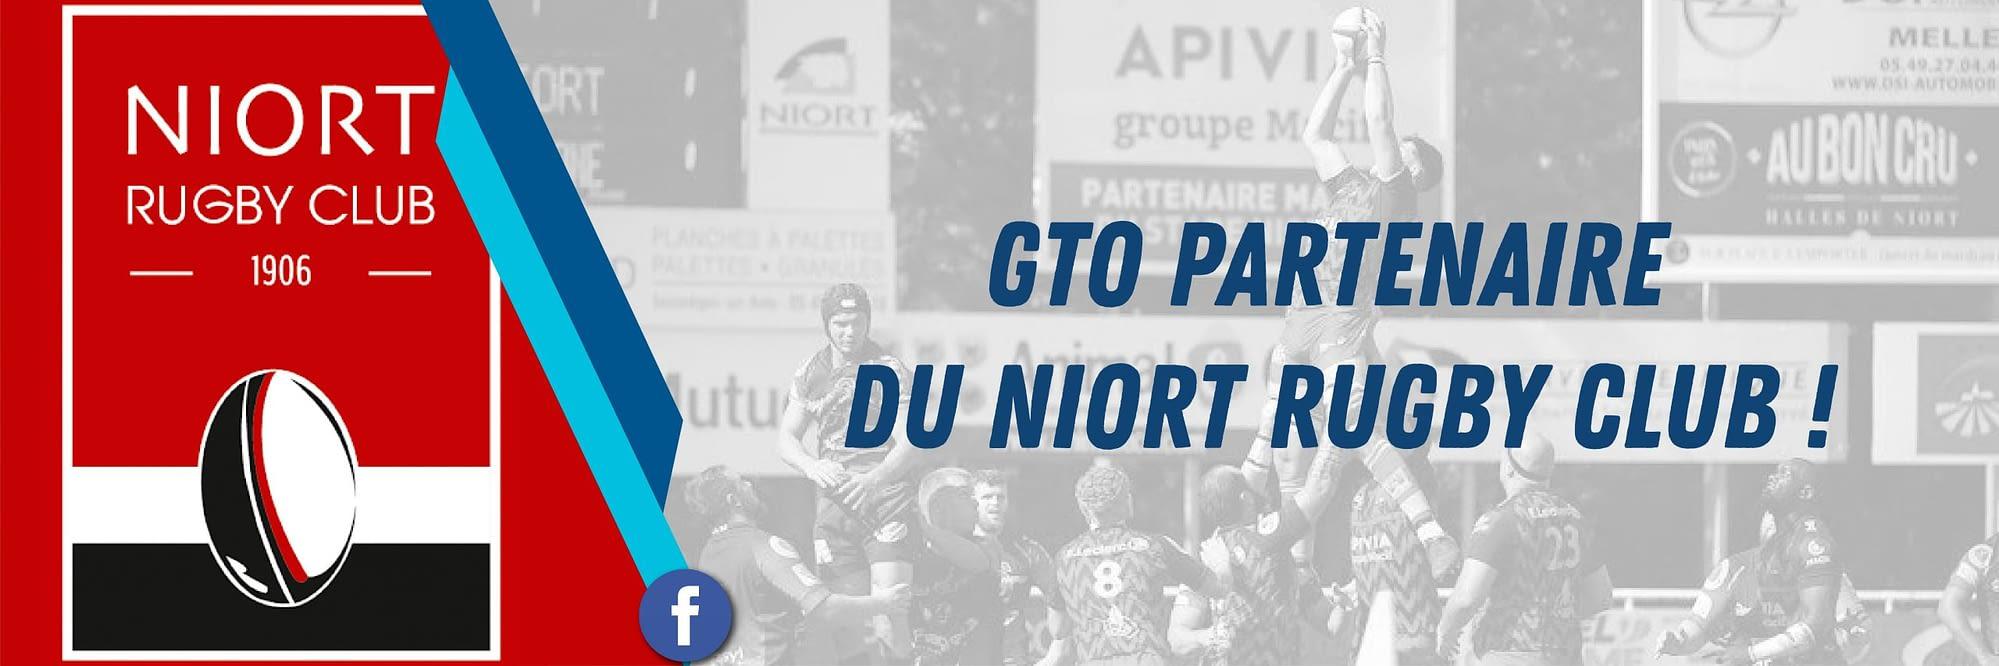 Le Niort Rugby Club partenariat